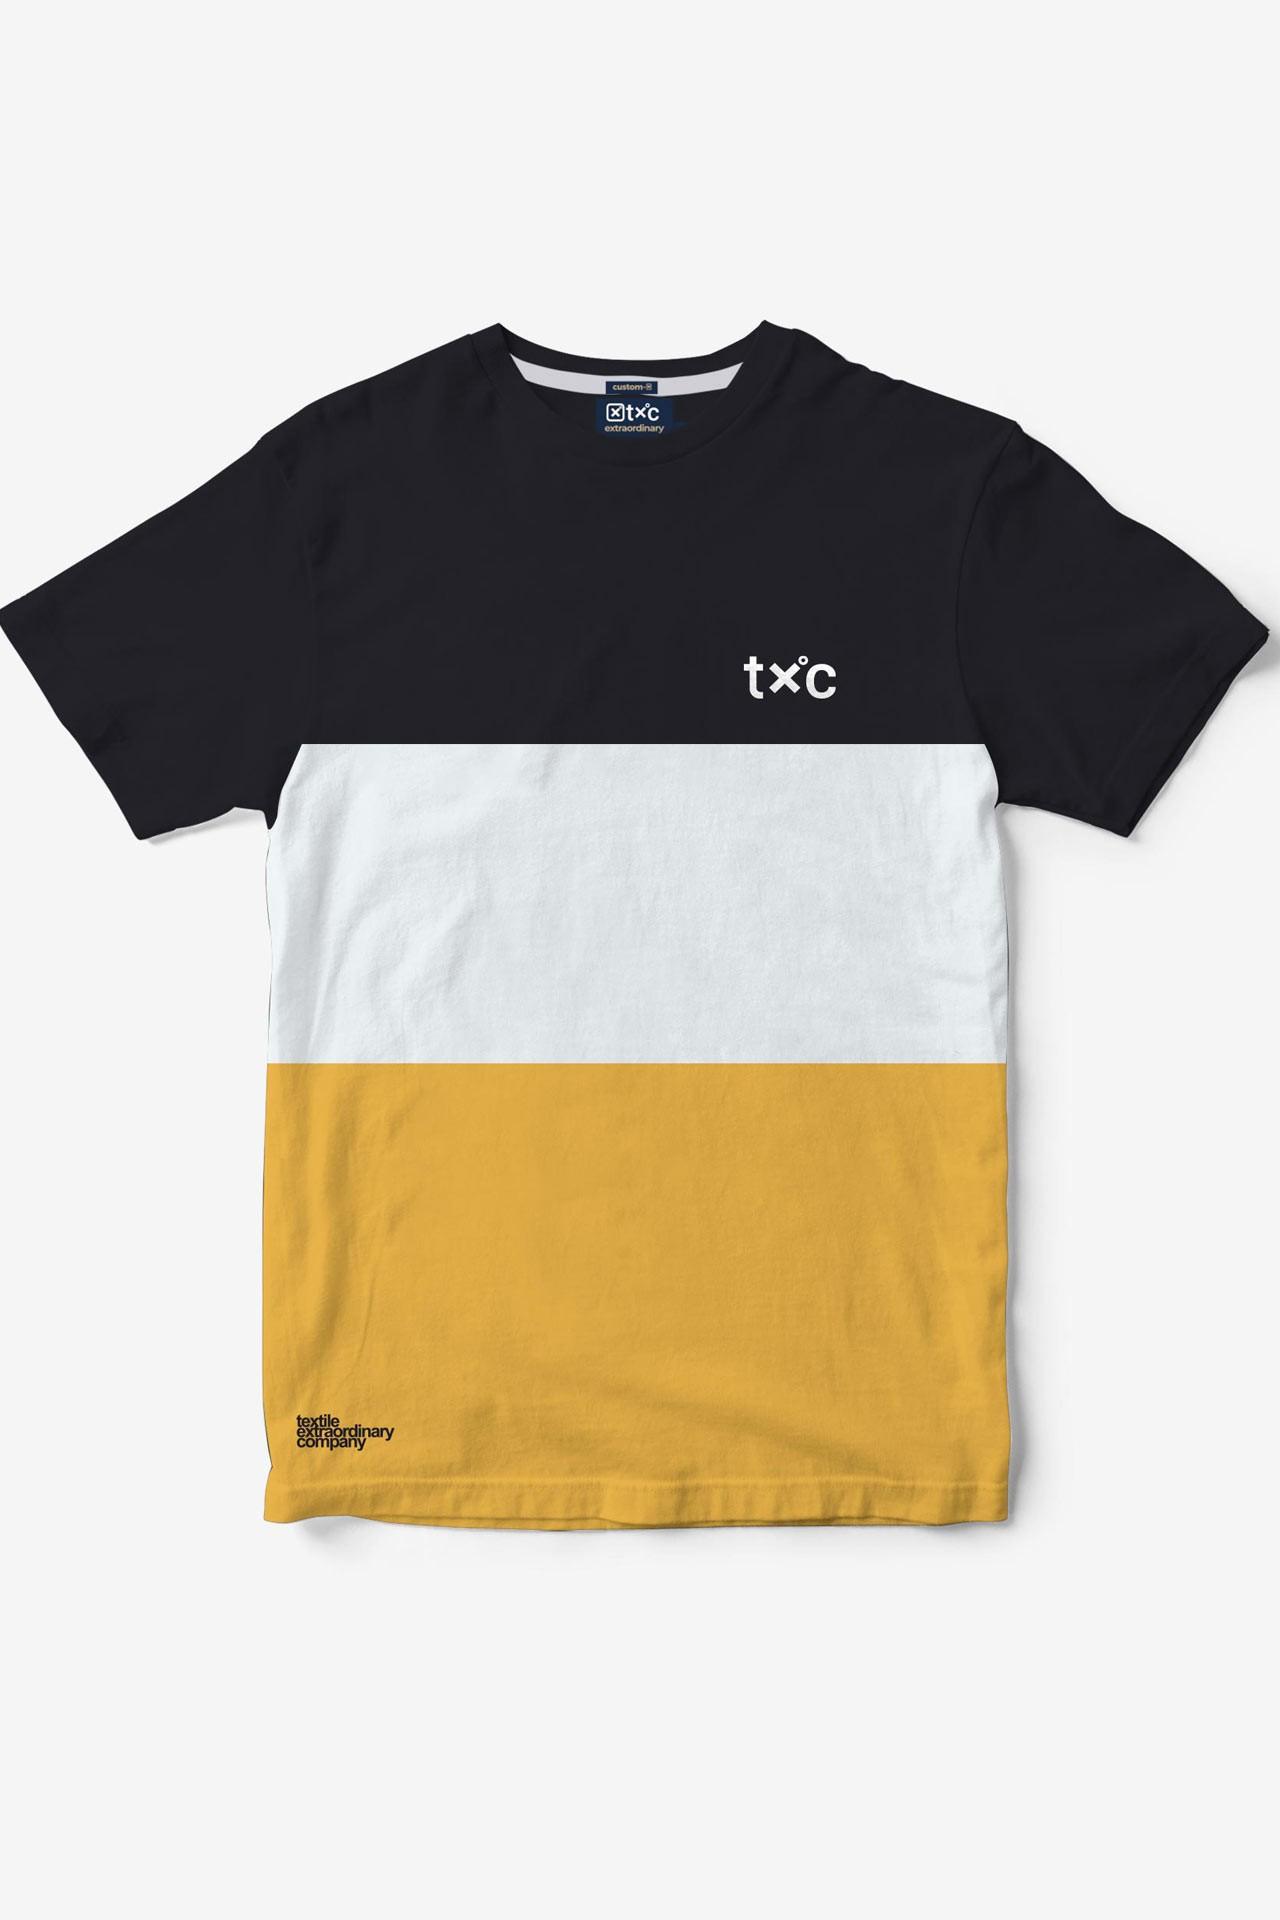 Camiseta TXC Brand 19076